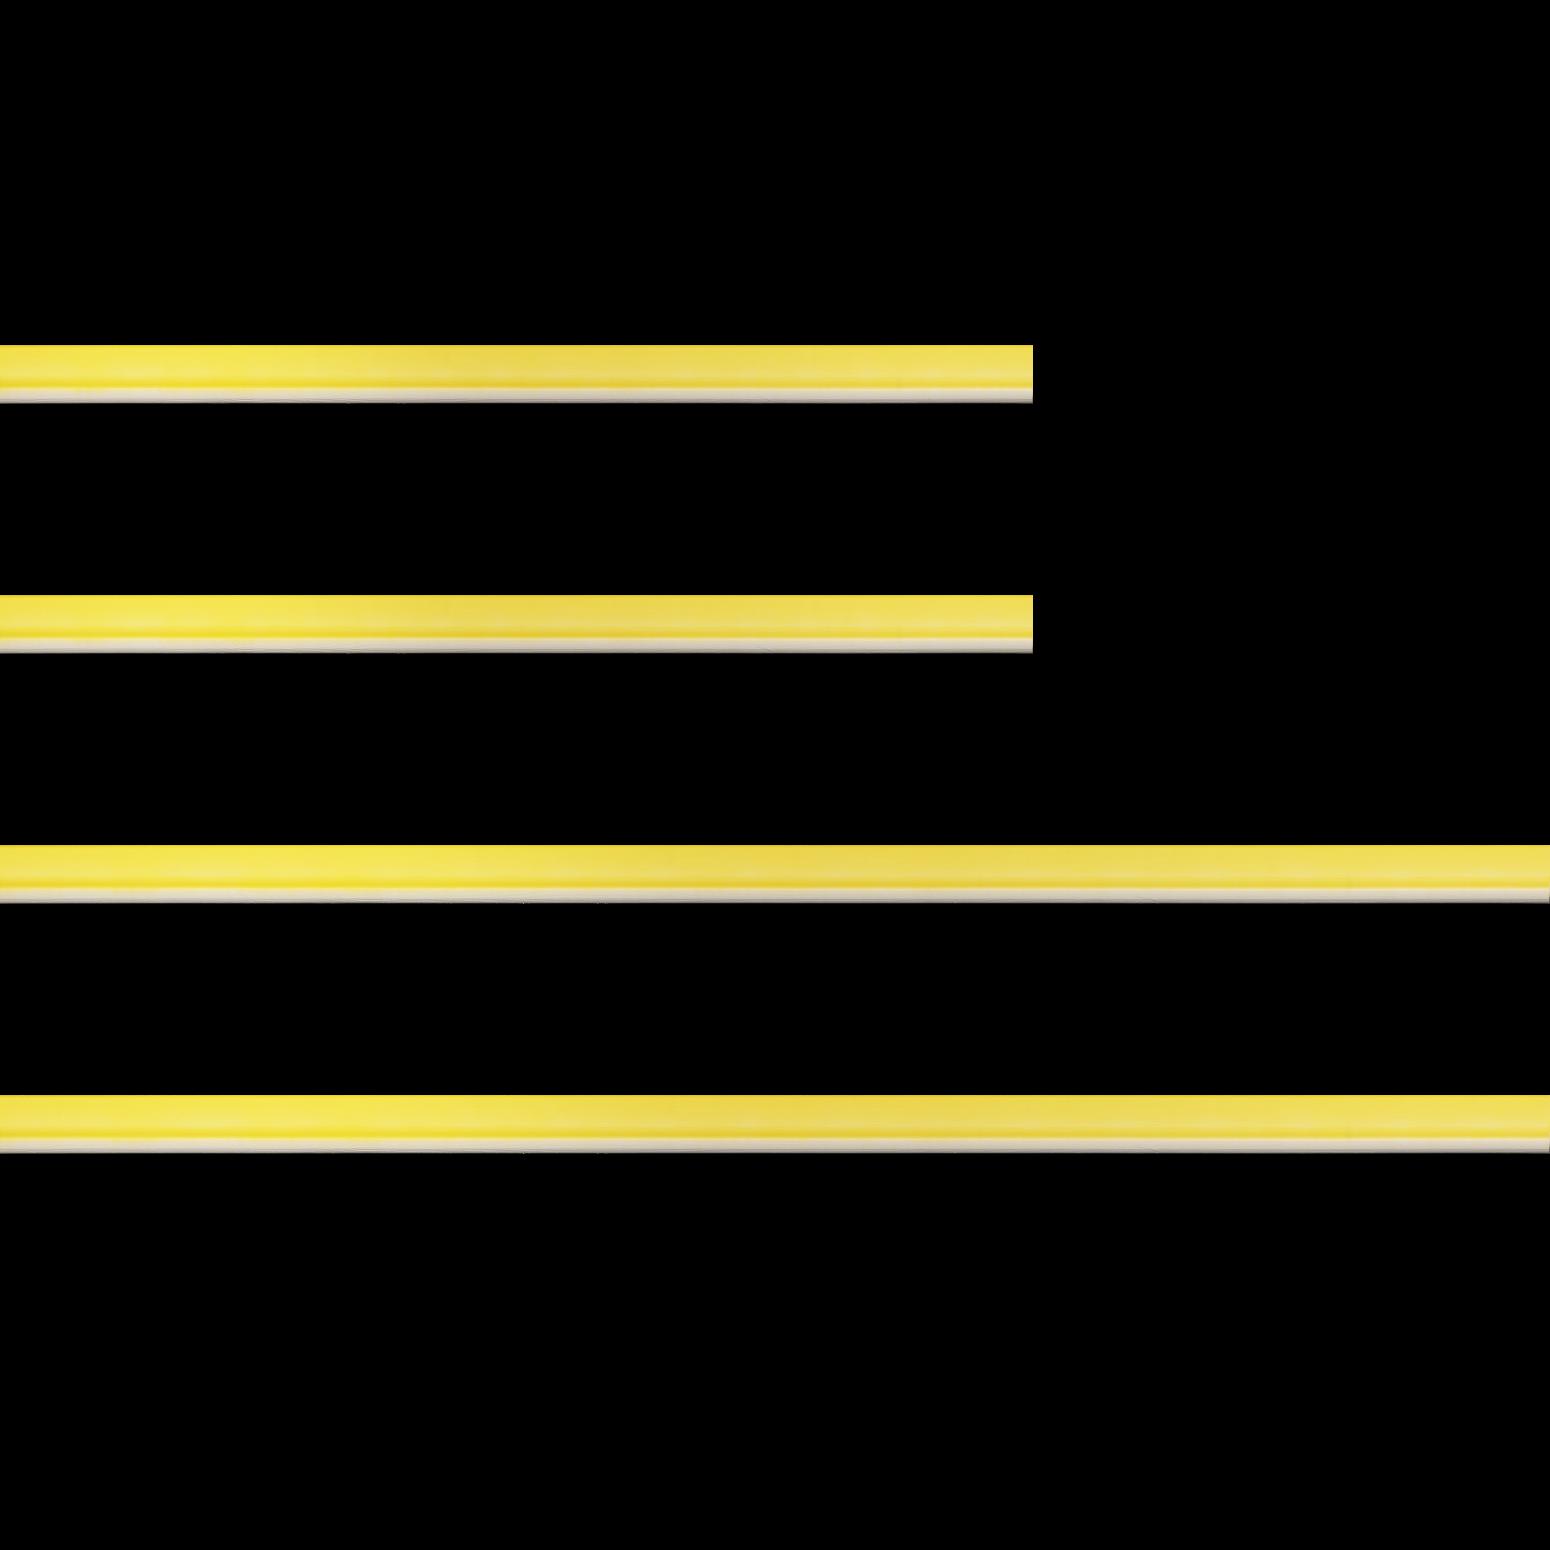 Baguette bois profil incurvé largeur 1.9cm de couleur jaune tonique filet intérieur blanchi